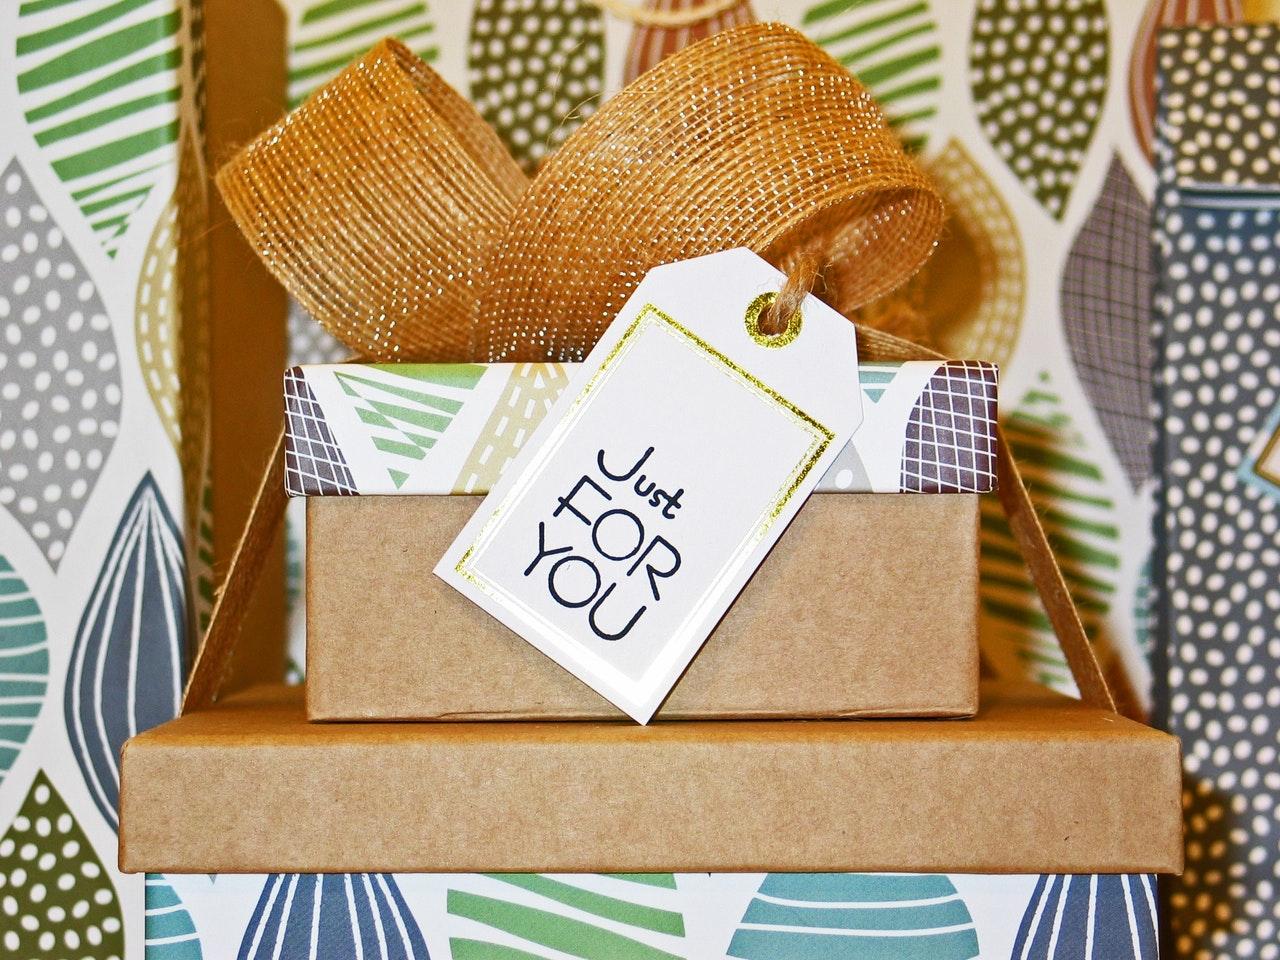 White Elephant Gifts Header Image